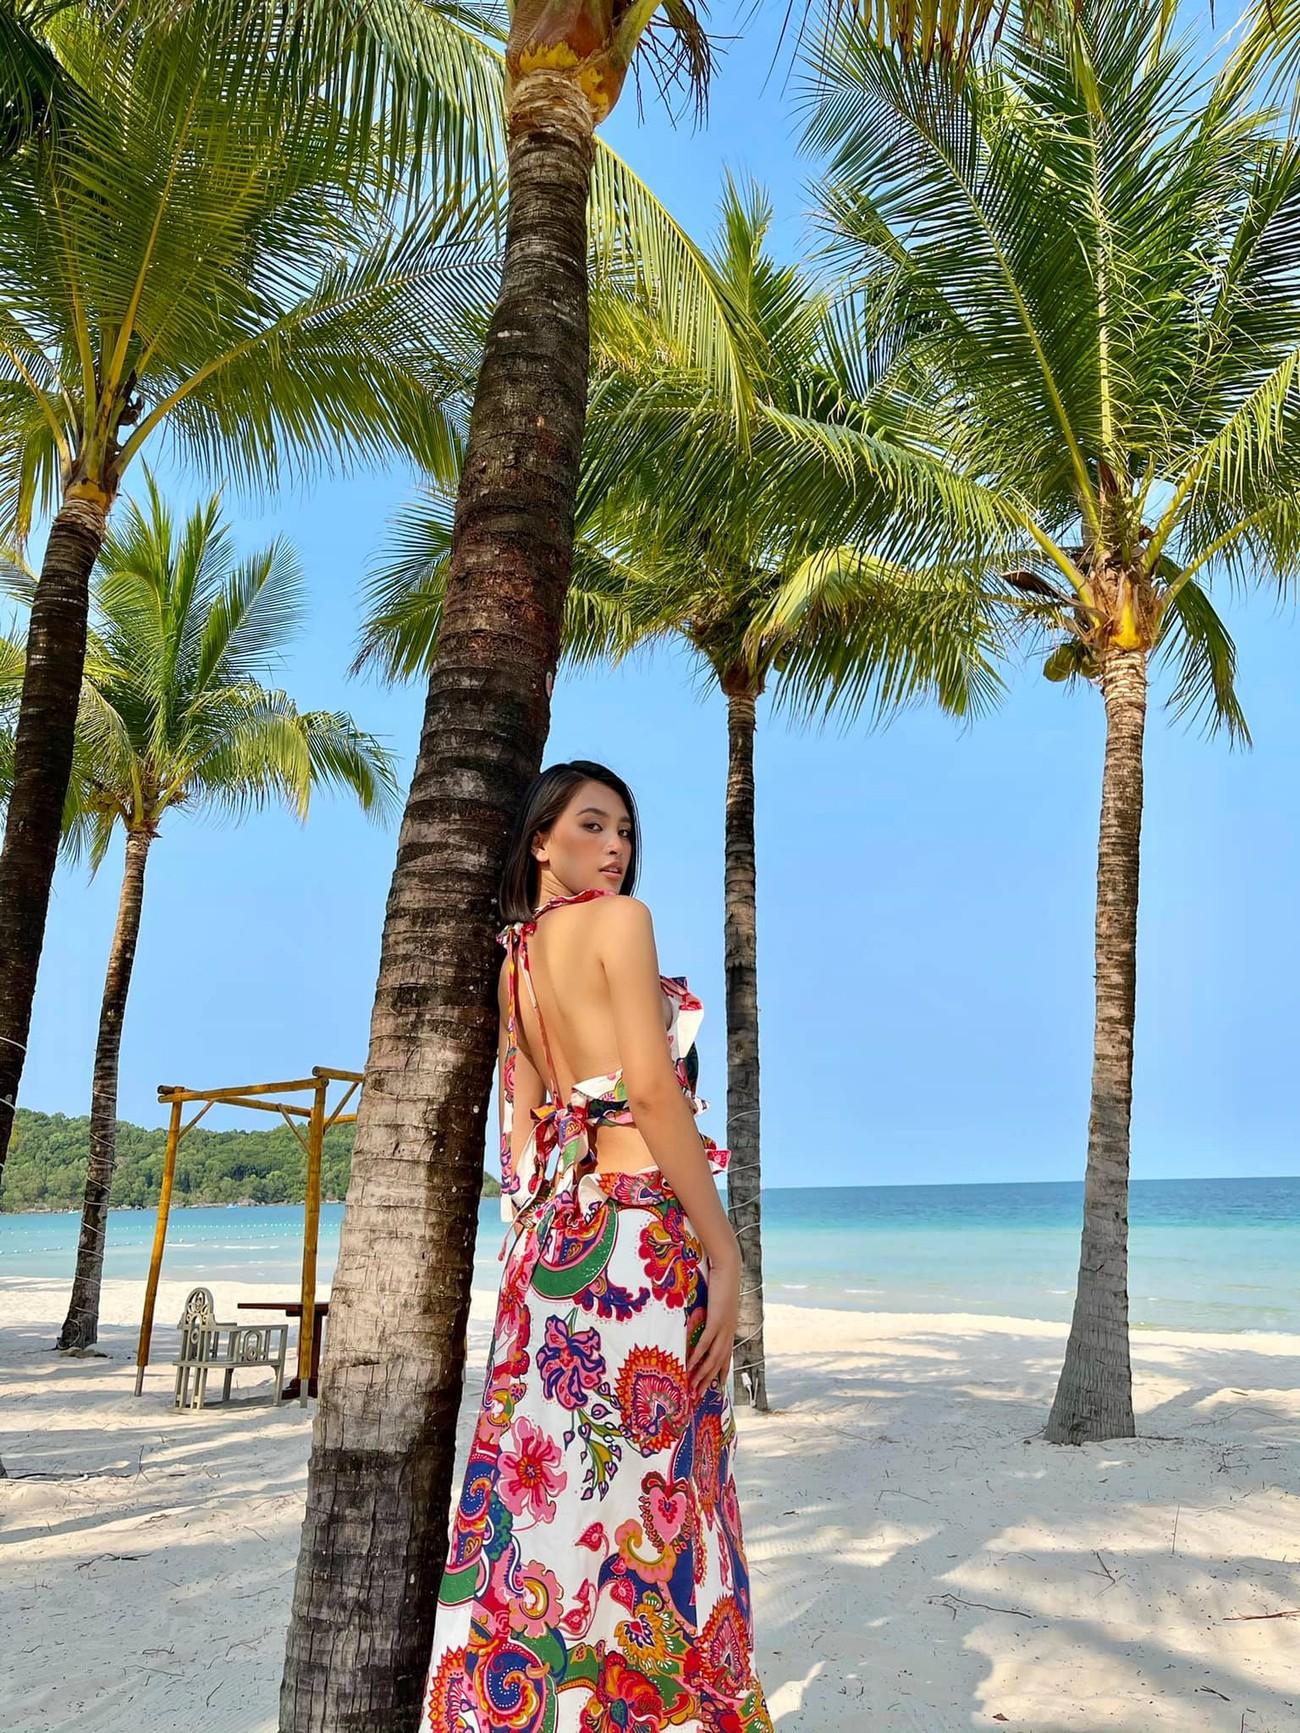 Đỗ Thị Hà đẹp lộng lẫy trong buổi chụp hình mới, Tiểu Vy khoe lưng trần sexy trước biển ảnh 7